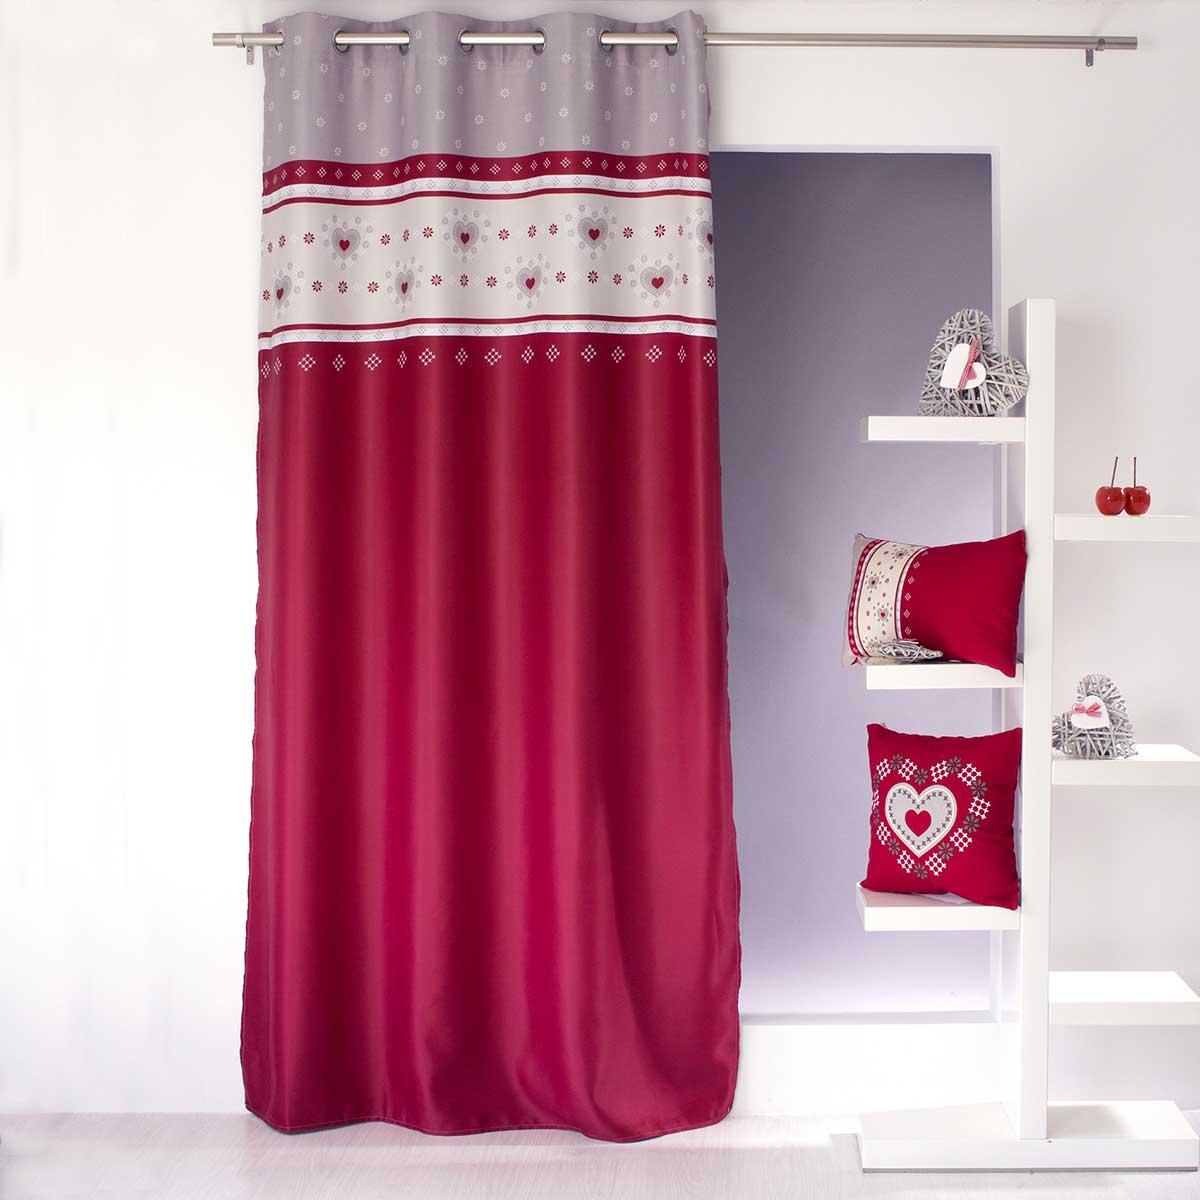 rideau occultant imprim flocons rouge homemaison vente en ligne tous les rideaux. Black Bedroom Furniture Sets. Home Design Ideas